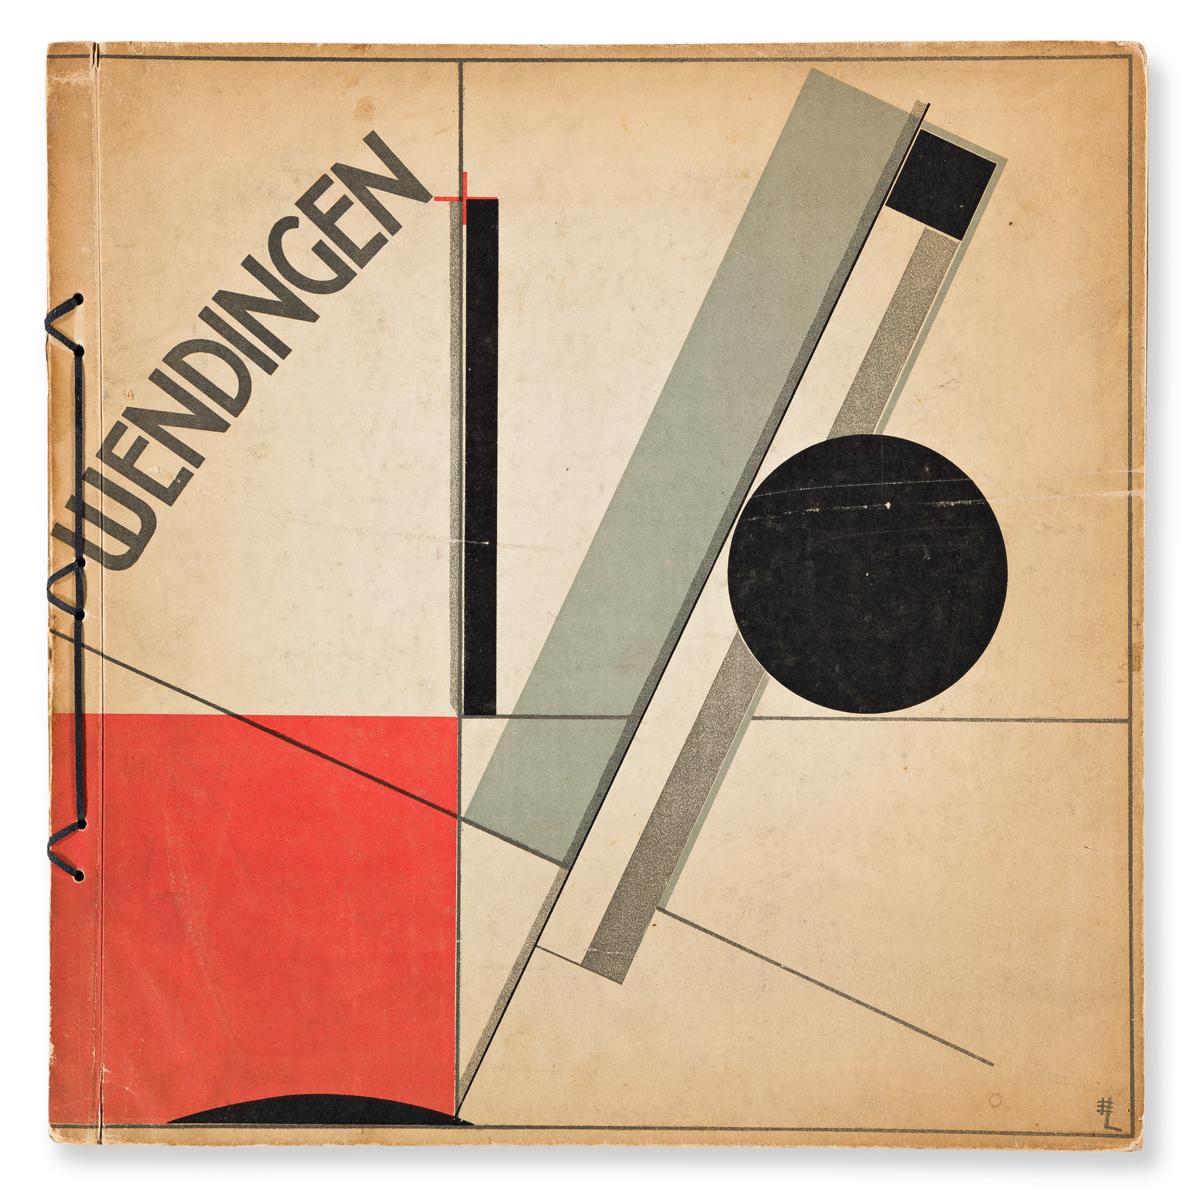 EL LISSITZKY (1890-1941).  WENDINGEN. Deluxe hardcover edition. Volume IV, Number 11. 1921. 13x12½ inches, 33x31¾ cm. De Hooge Brug, Am